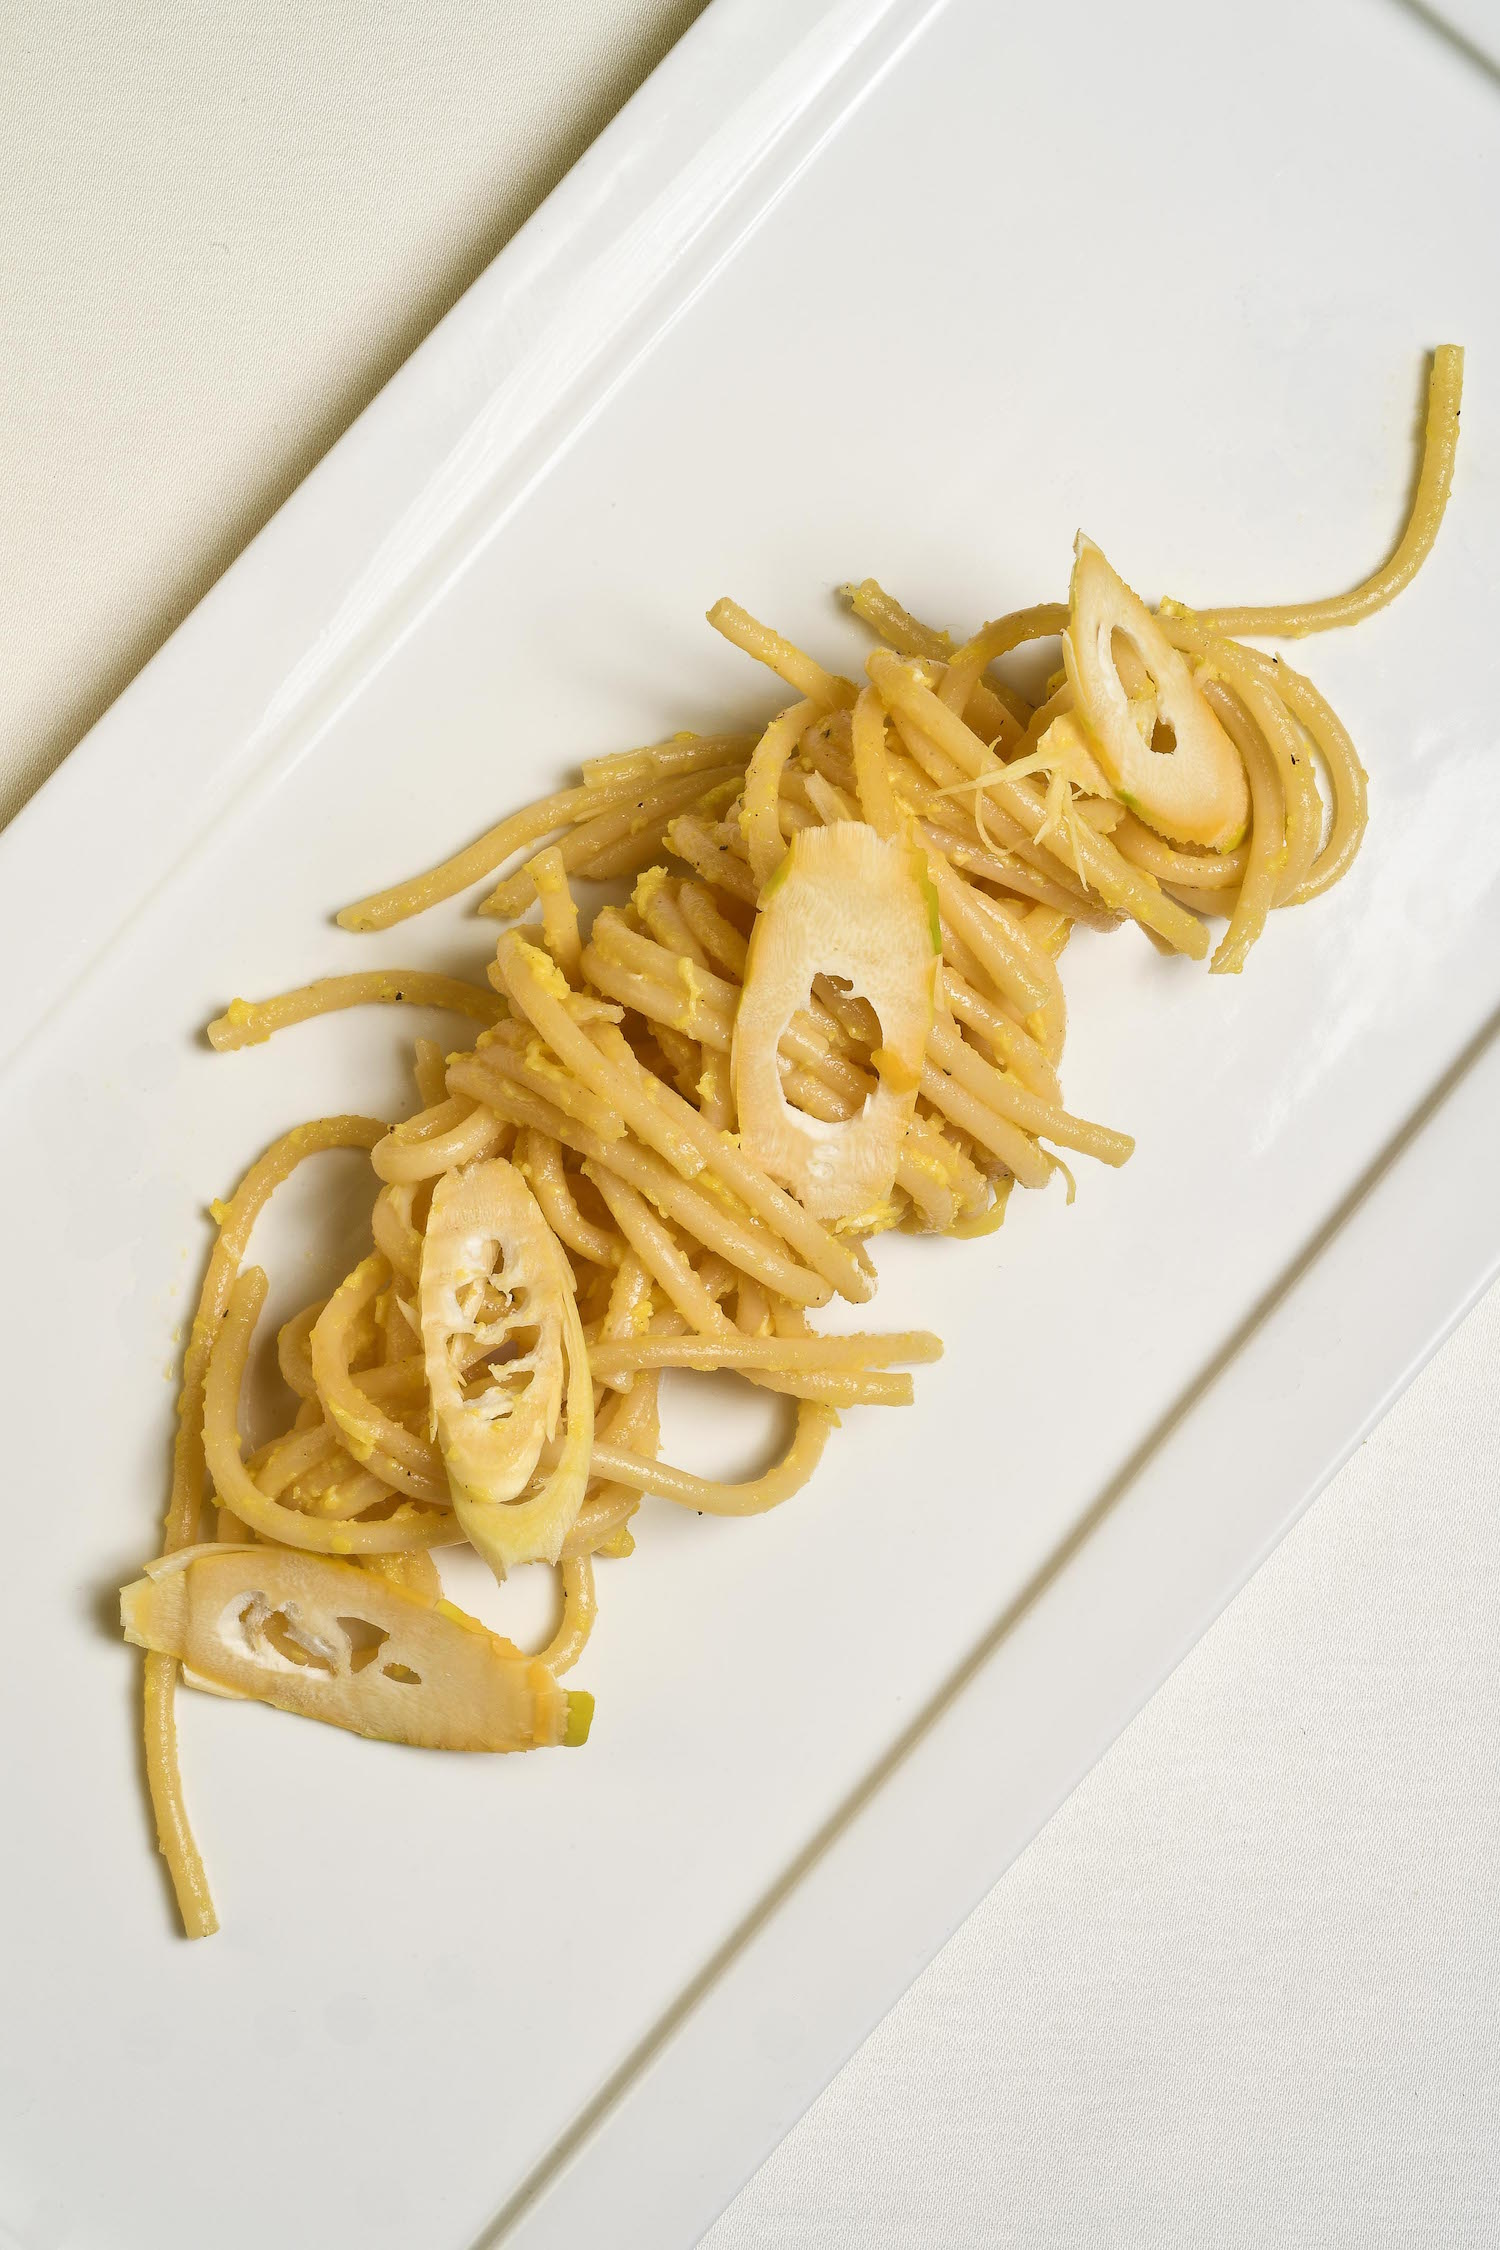 Spaghetti alla carbonara di germogli di bambù